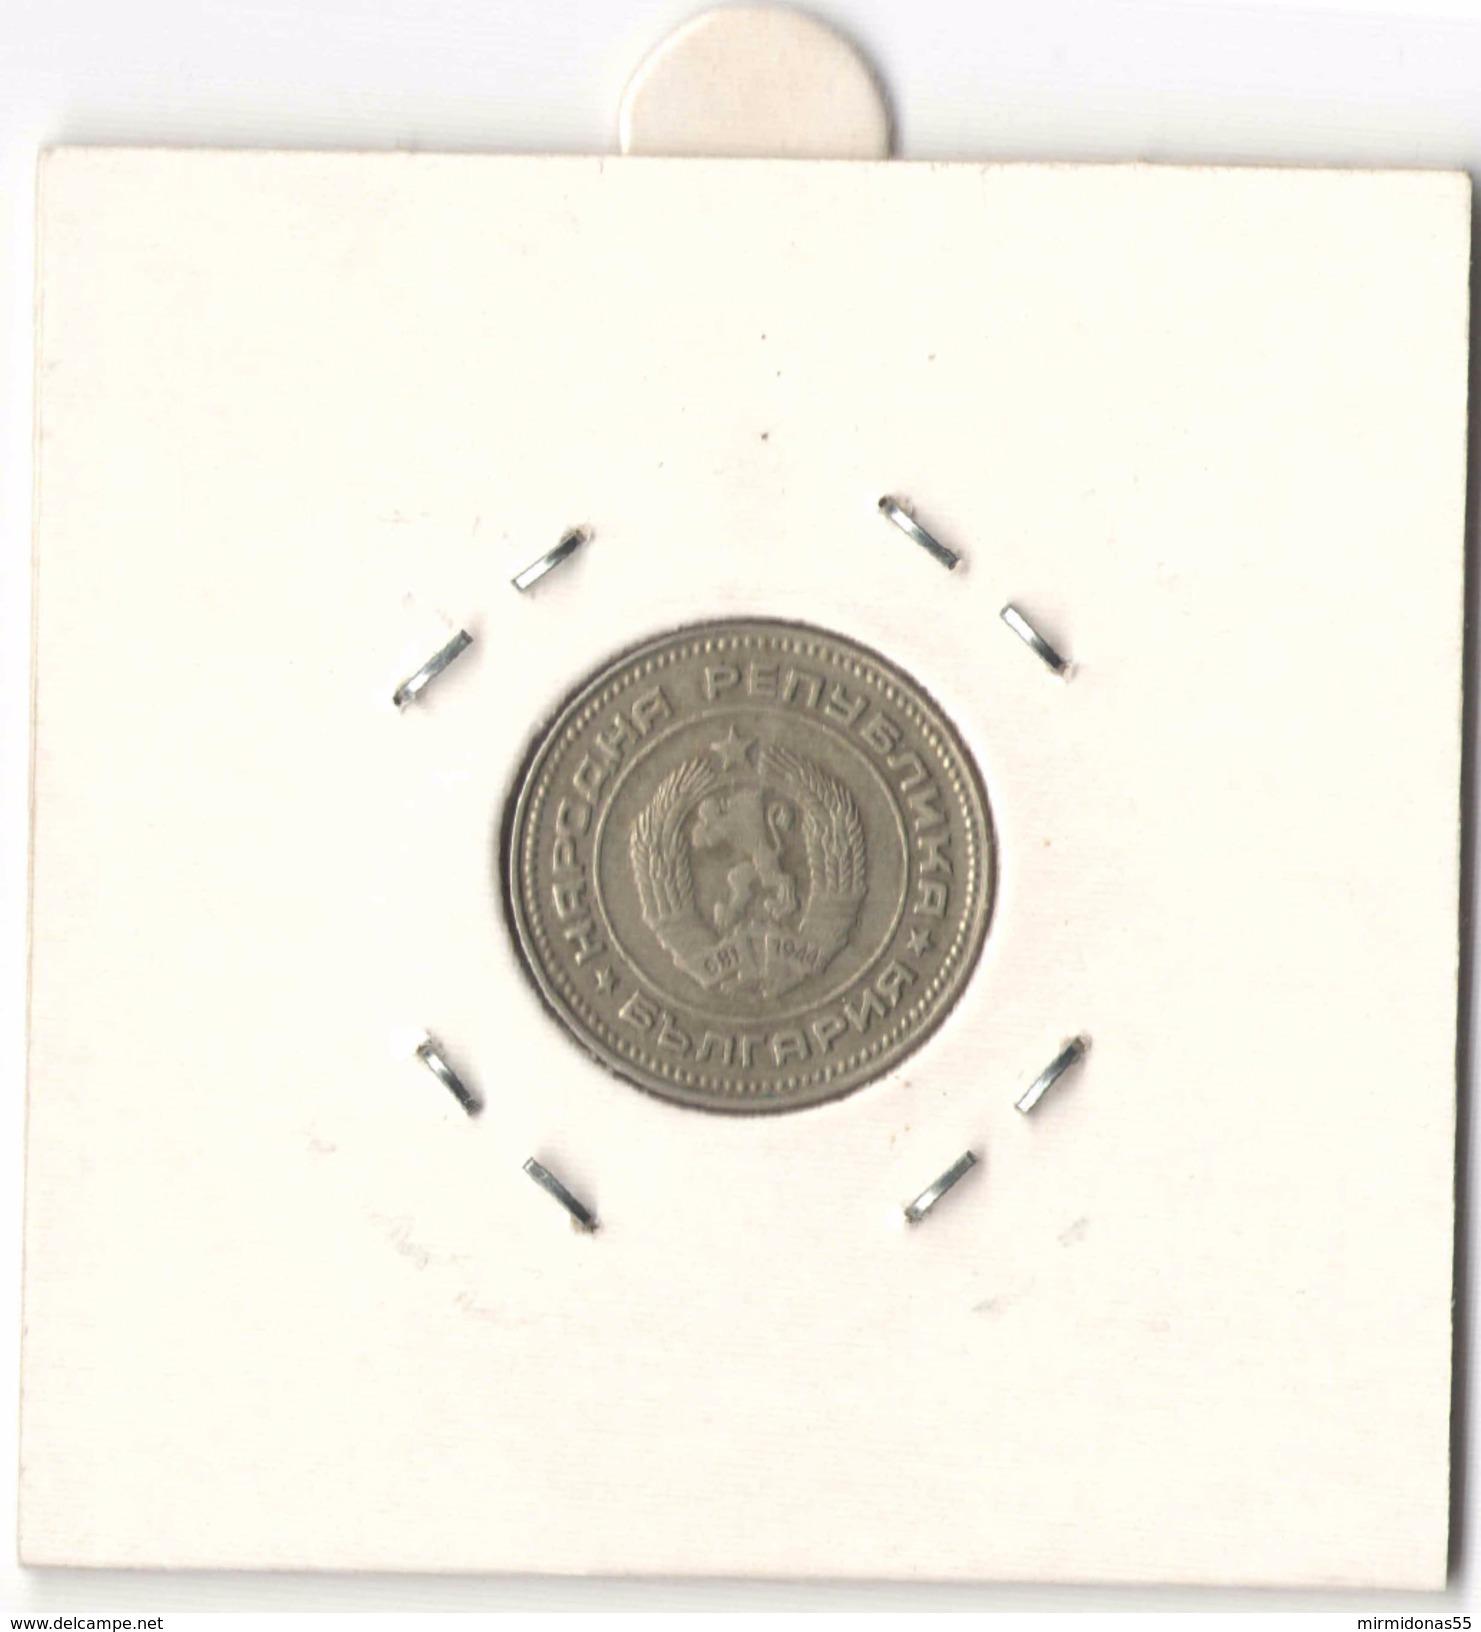 10 Stotinki 1974 - Bulgaria Coin (Lion) - Bulgaria